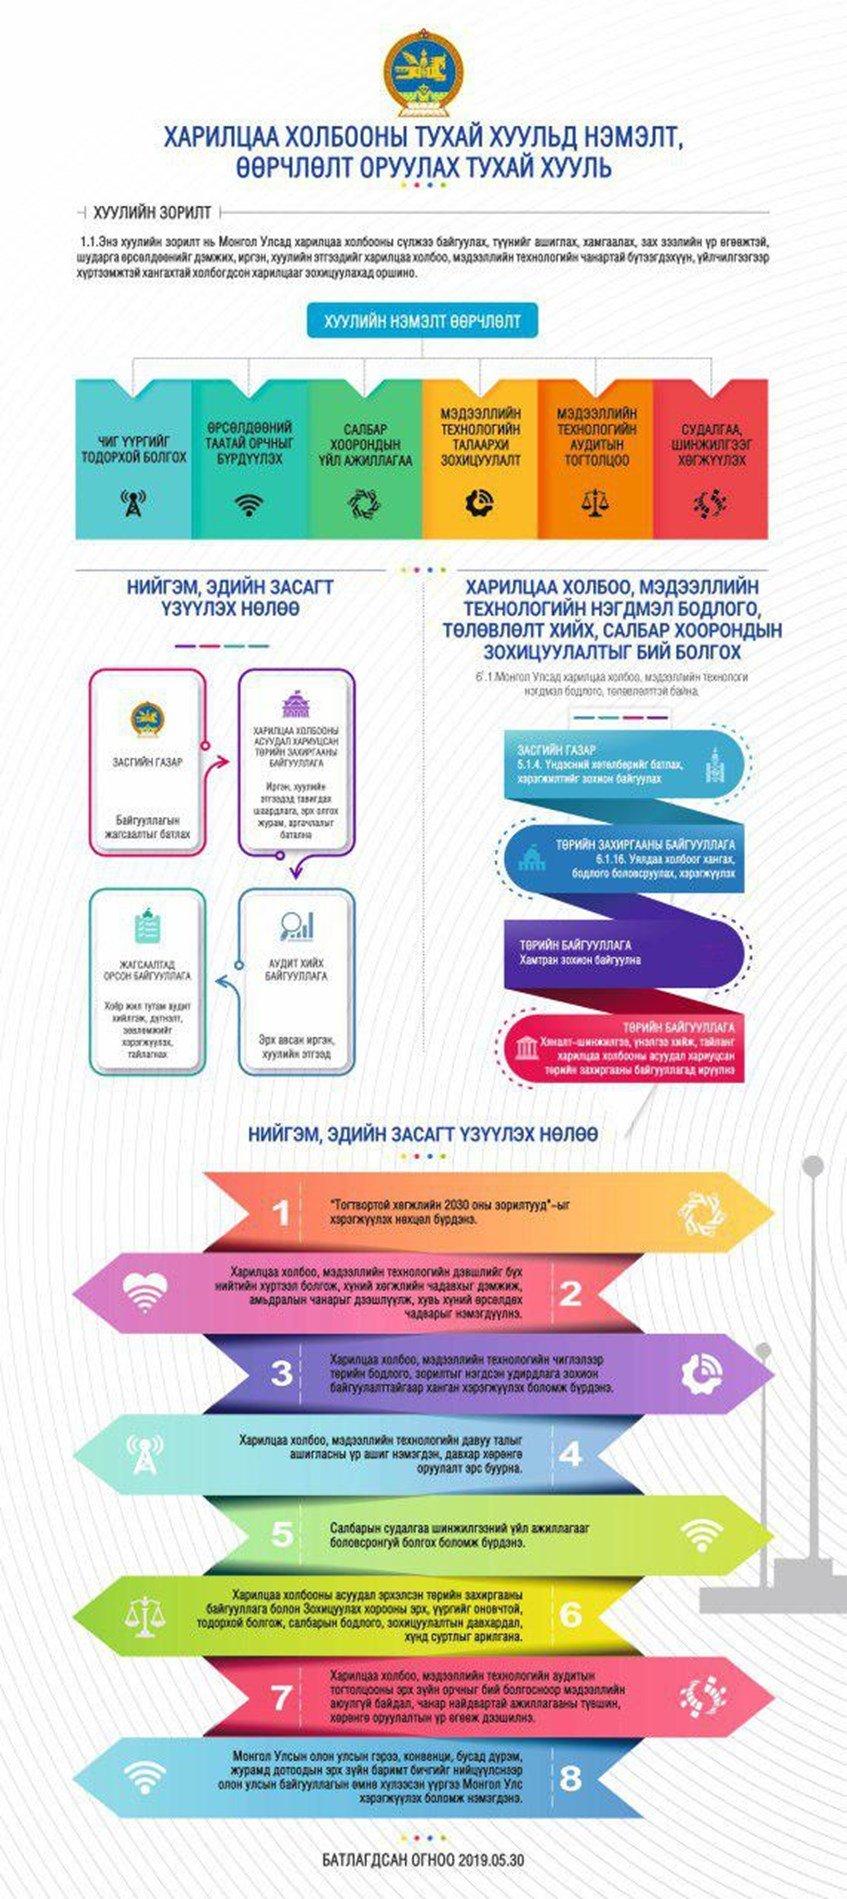 Инфографик: Харилцаа холбооны тухай хуульд нэмэлт, өөрчлөлт оруулах тухай хуулийн танилцуулга